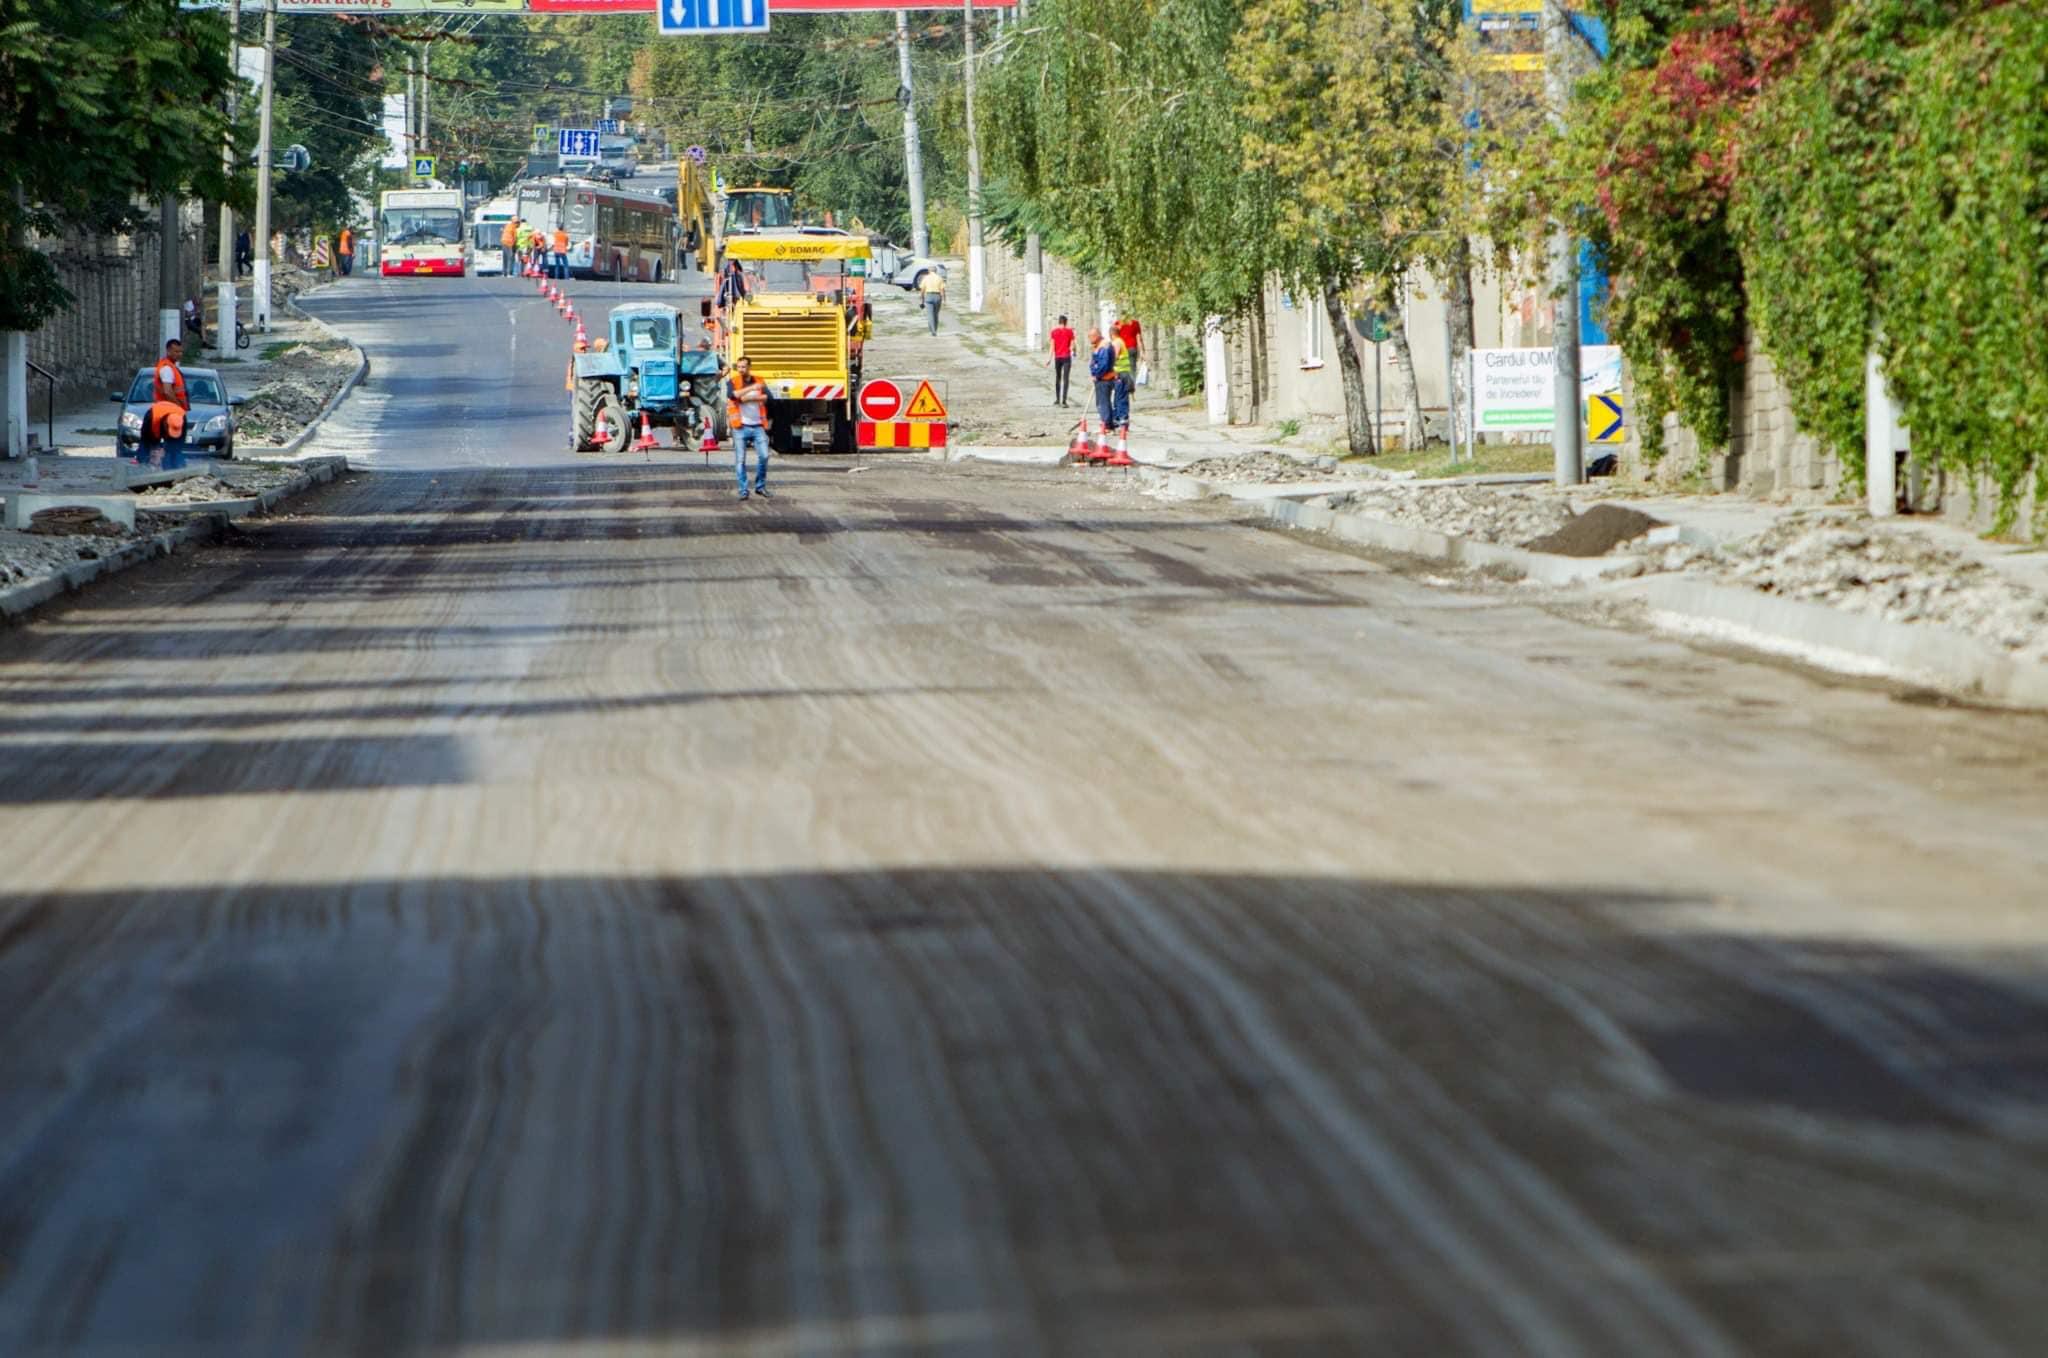 Додон: Восстановление дорог в стране – одна из основных задач нынешнего правительства (ФОТО, ВИДЕО)